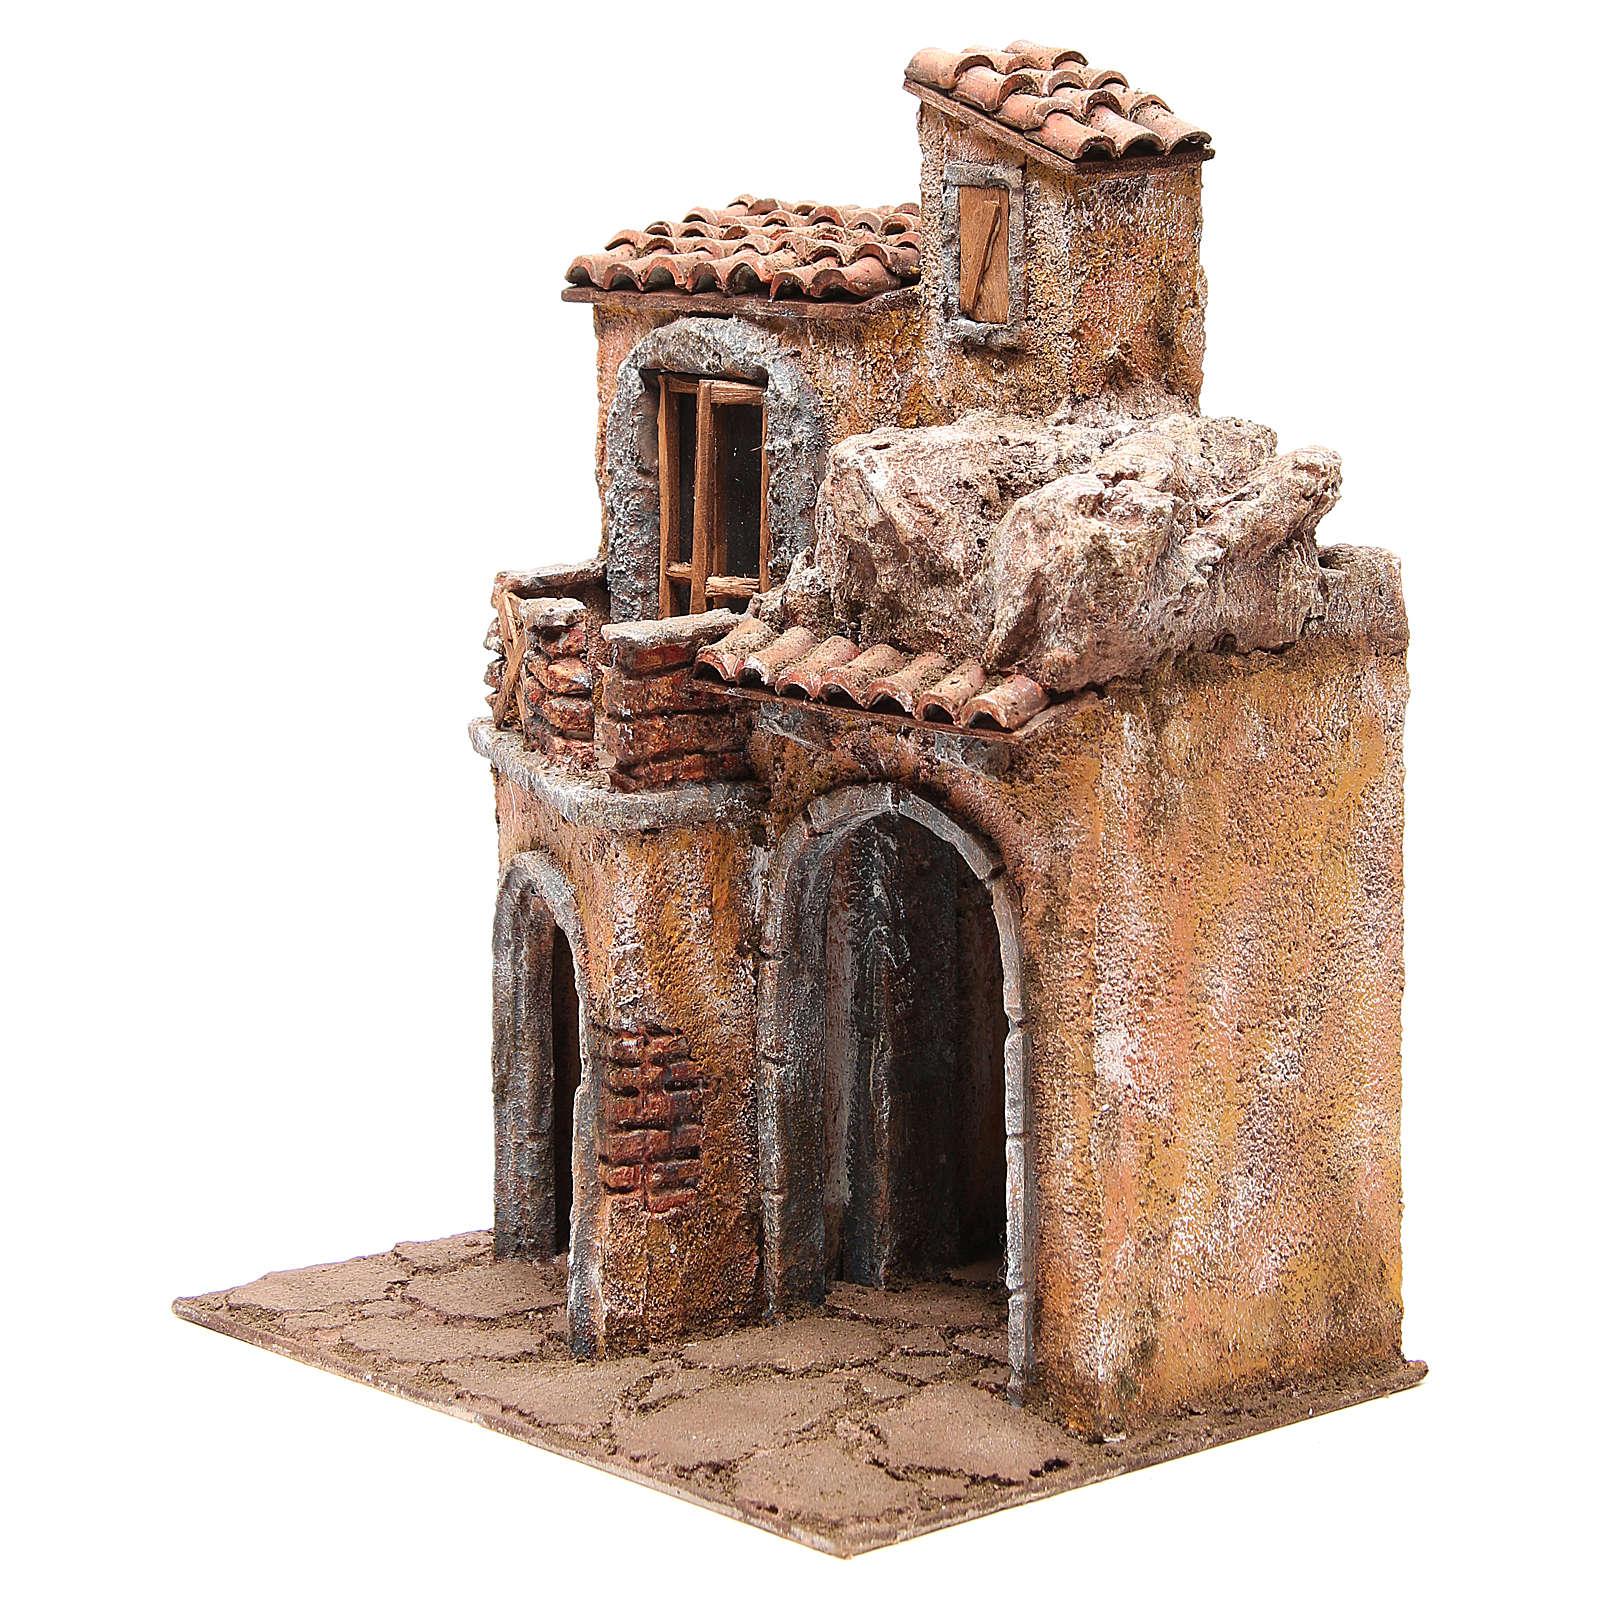 Aldea con casa y cabaña belén 35x29x22 cm 4